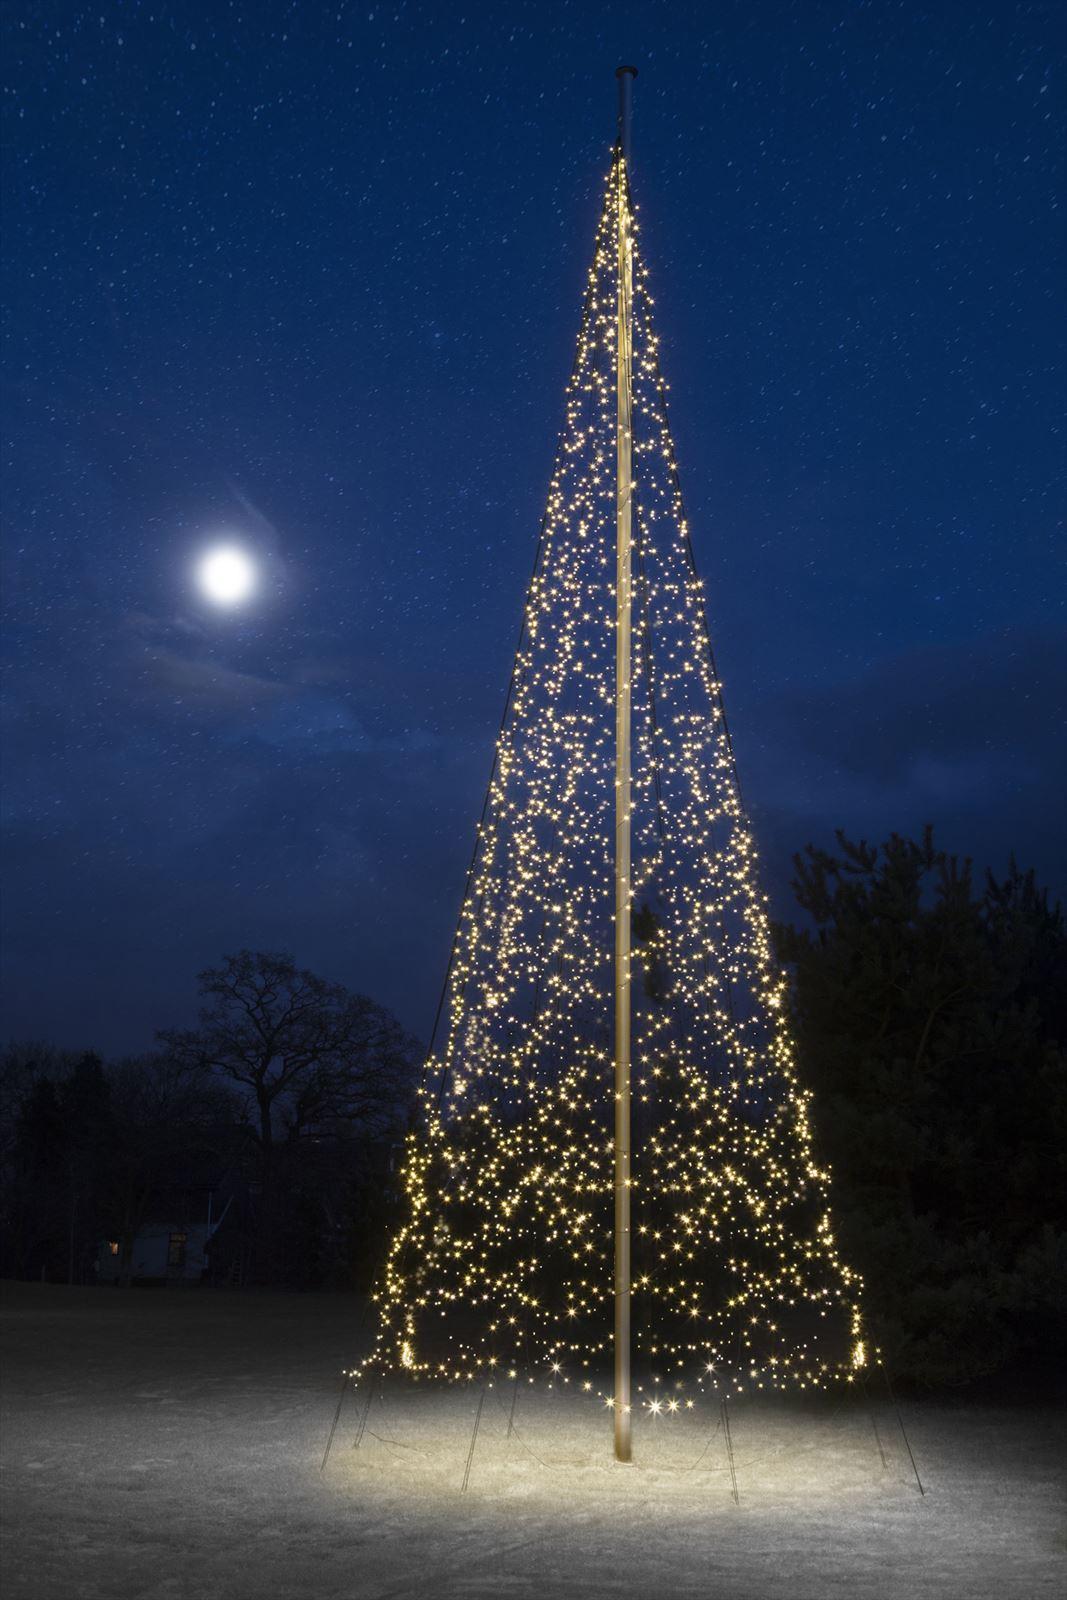 Fairybell kerstbomen Fairybell kerstboom, 10 meter, 4000 LEDs, warm white